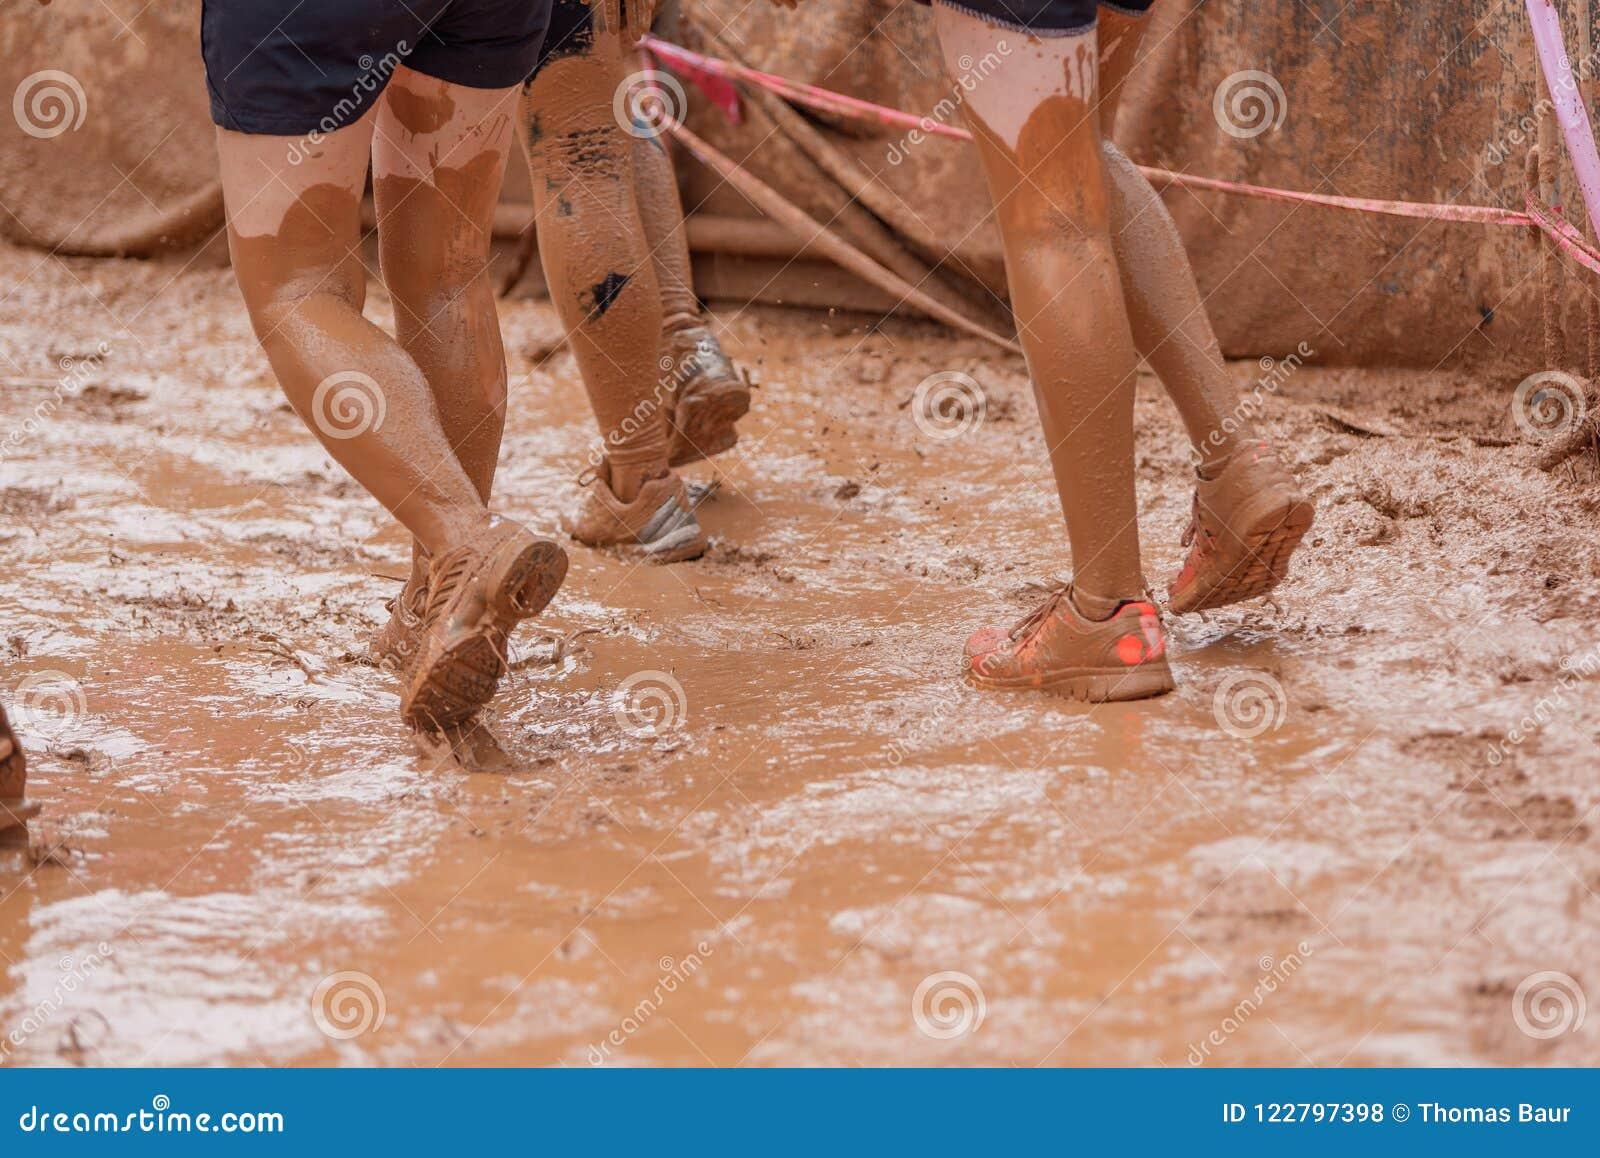 Femmes de coureur de course de boue rampant dans la boue sous des obstacles